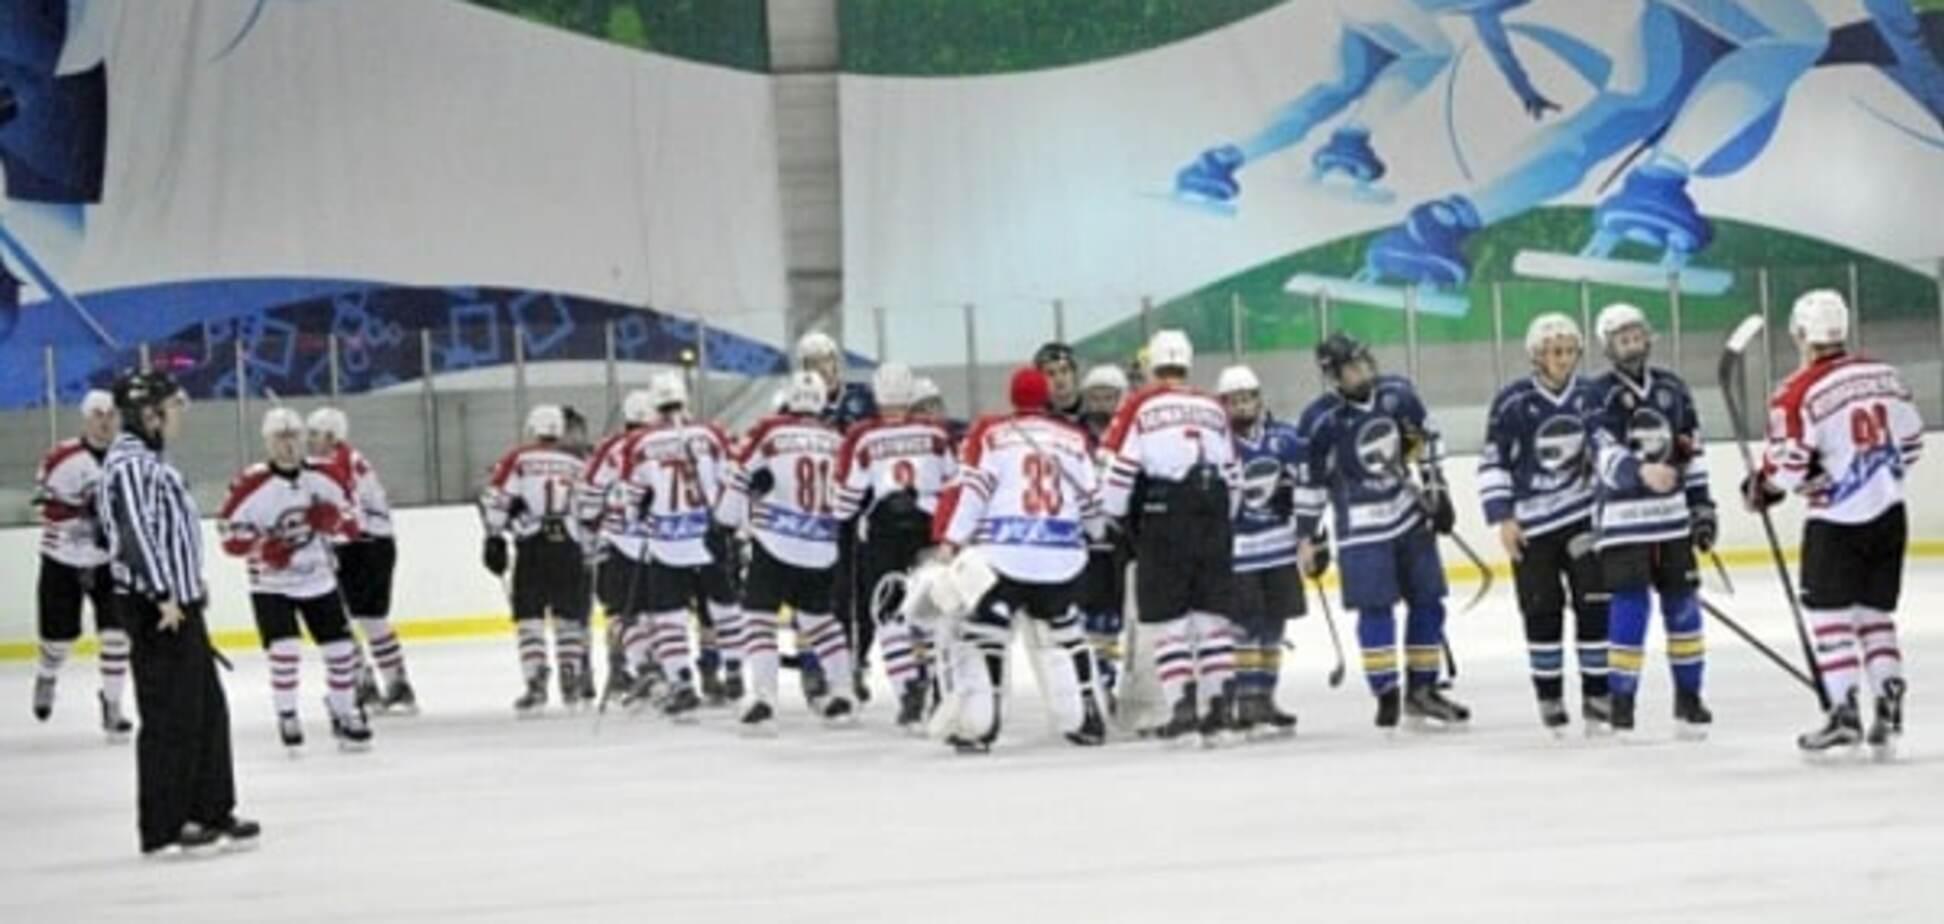 ХК 'Юность' – ХК 'Донбасс': превью матча 21-го тура чемпионата Украины